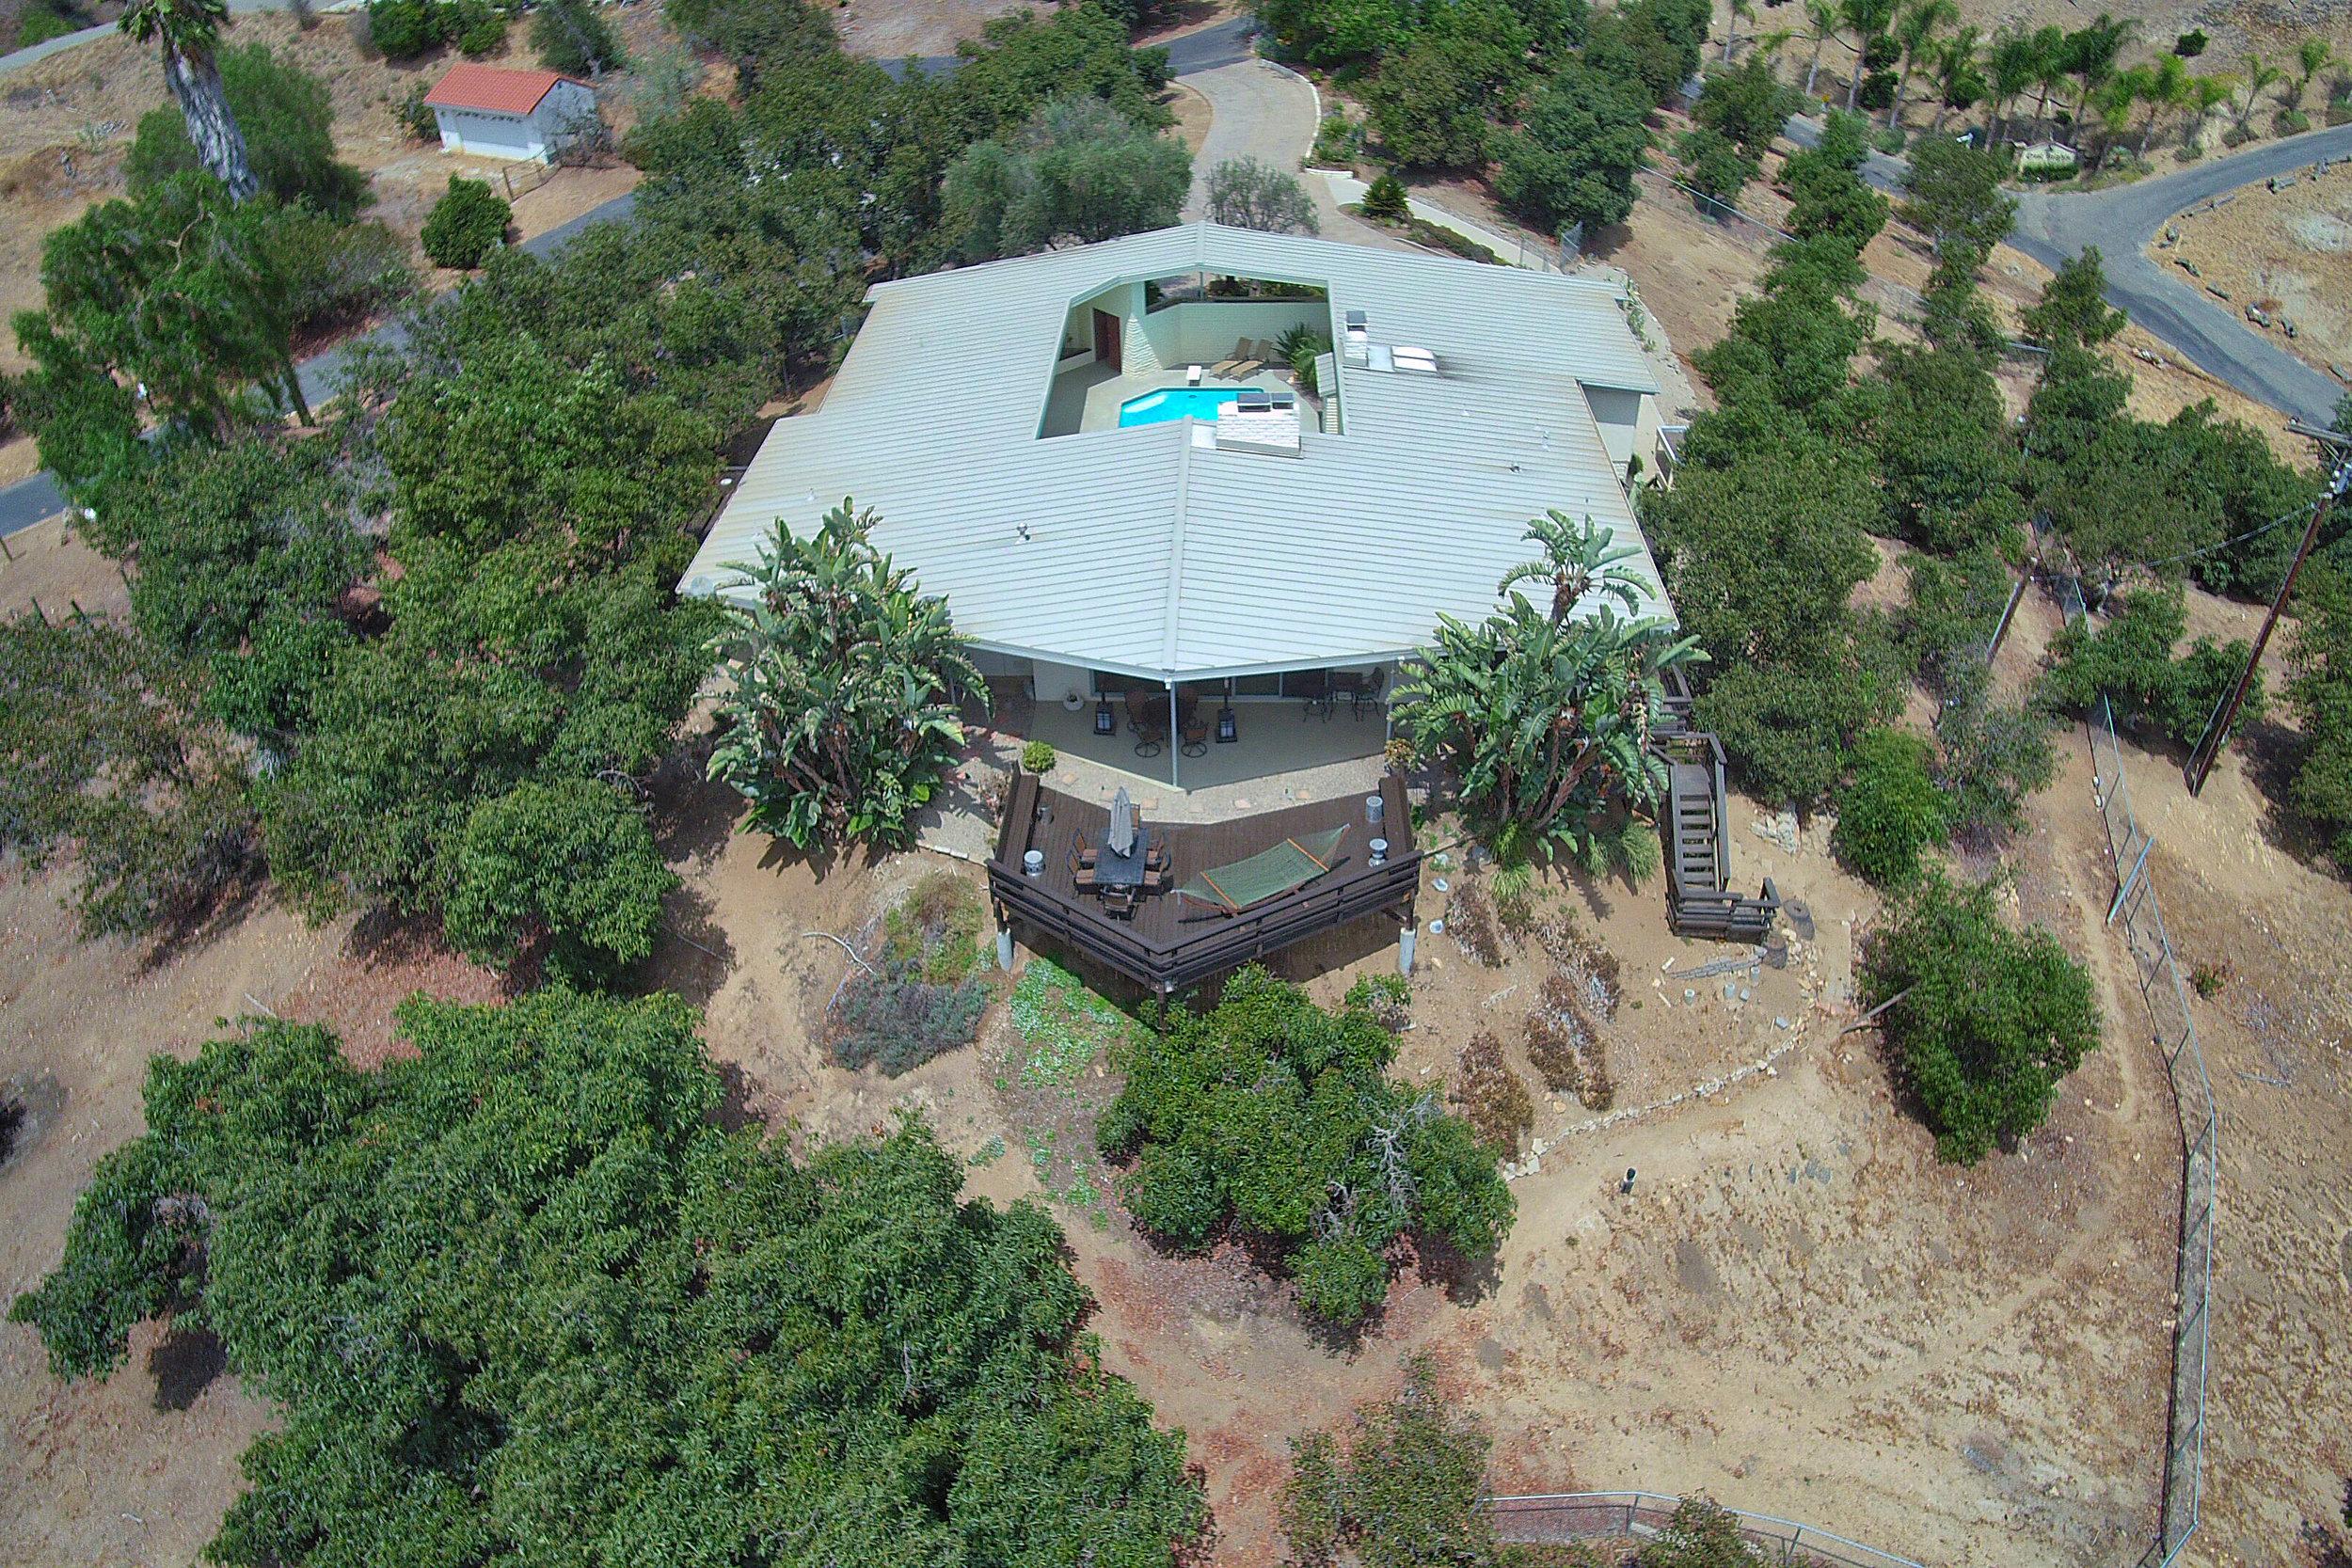 049_Aerial Back View.jpg